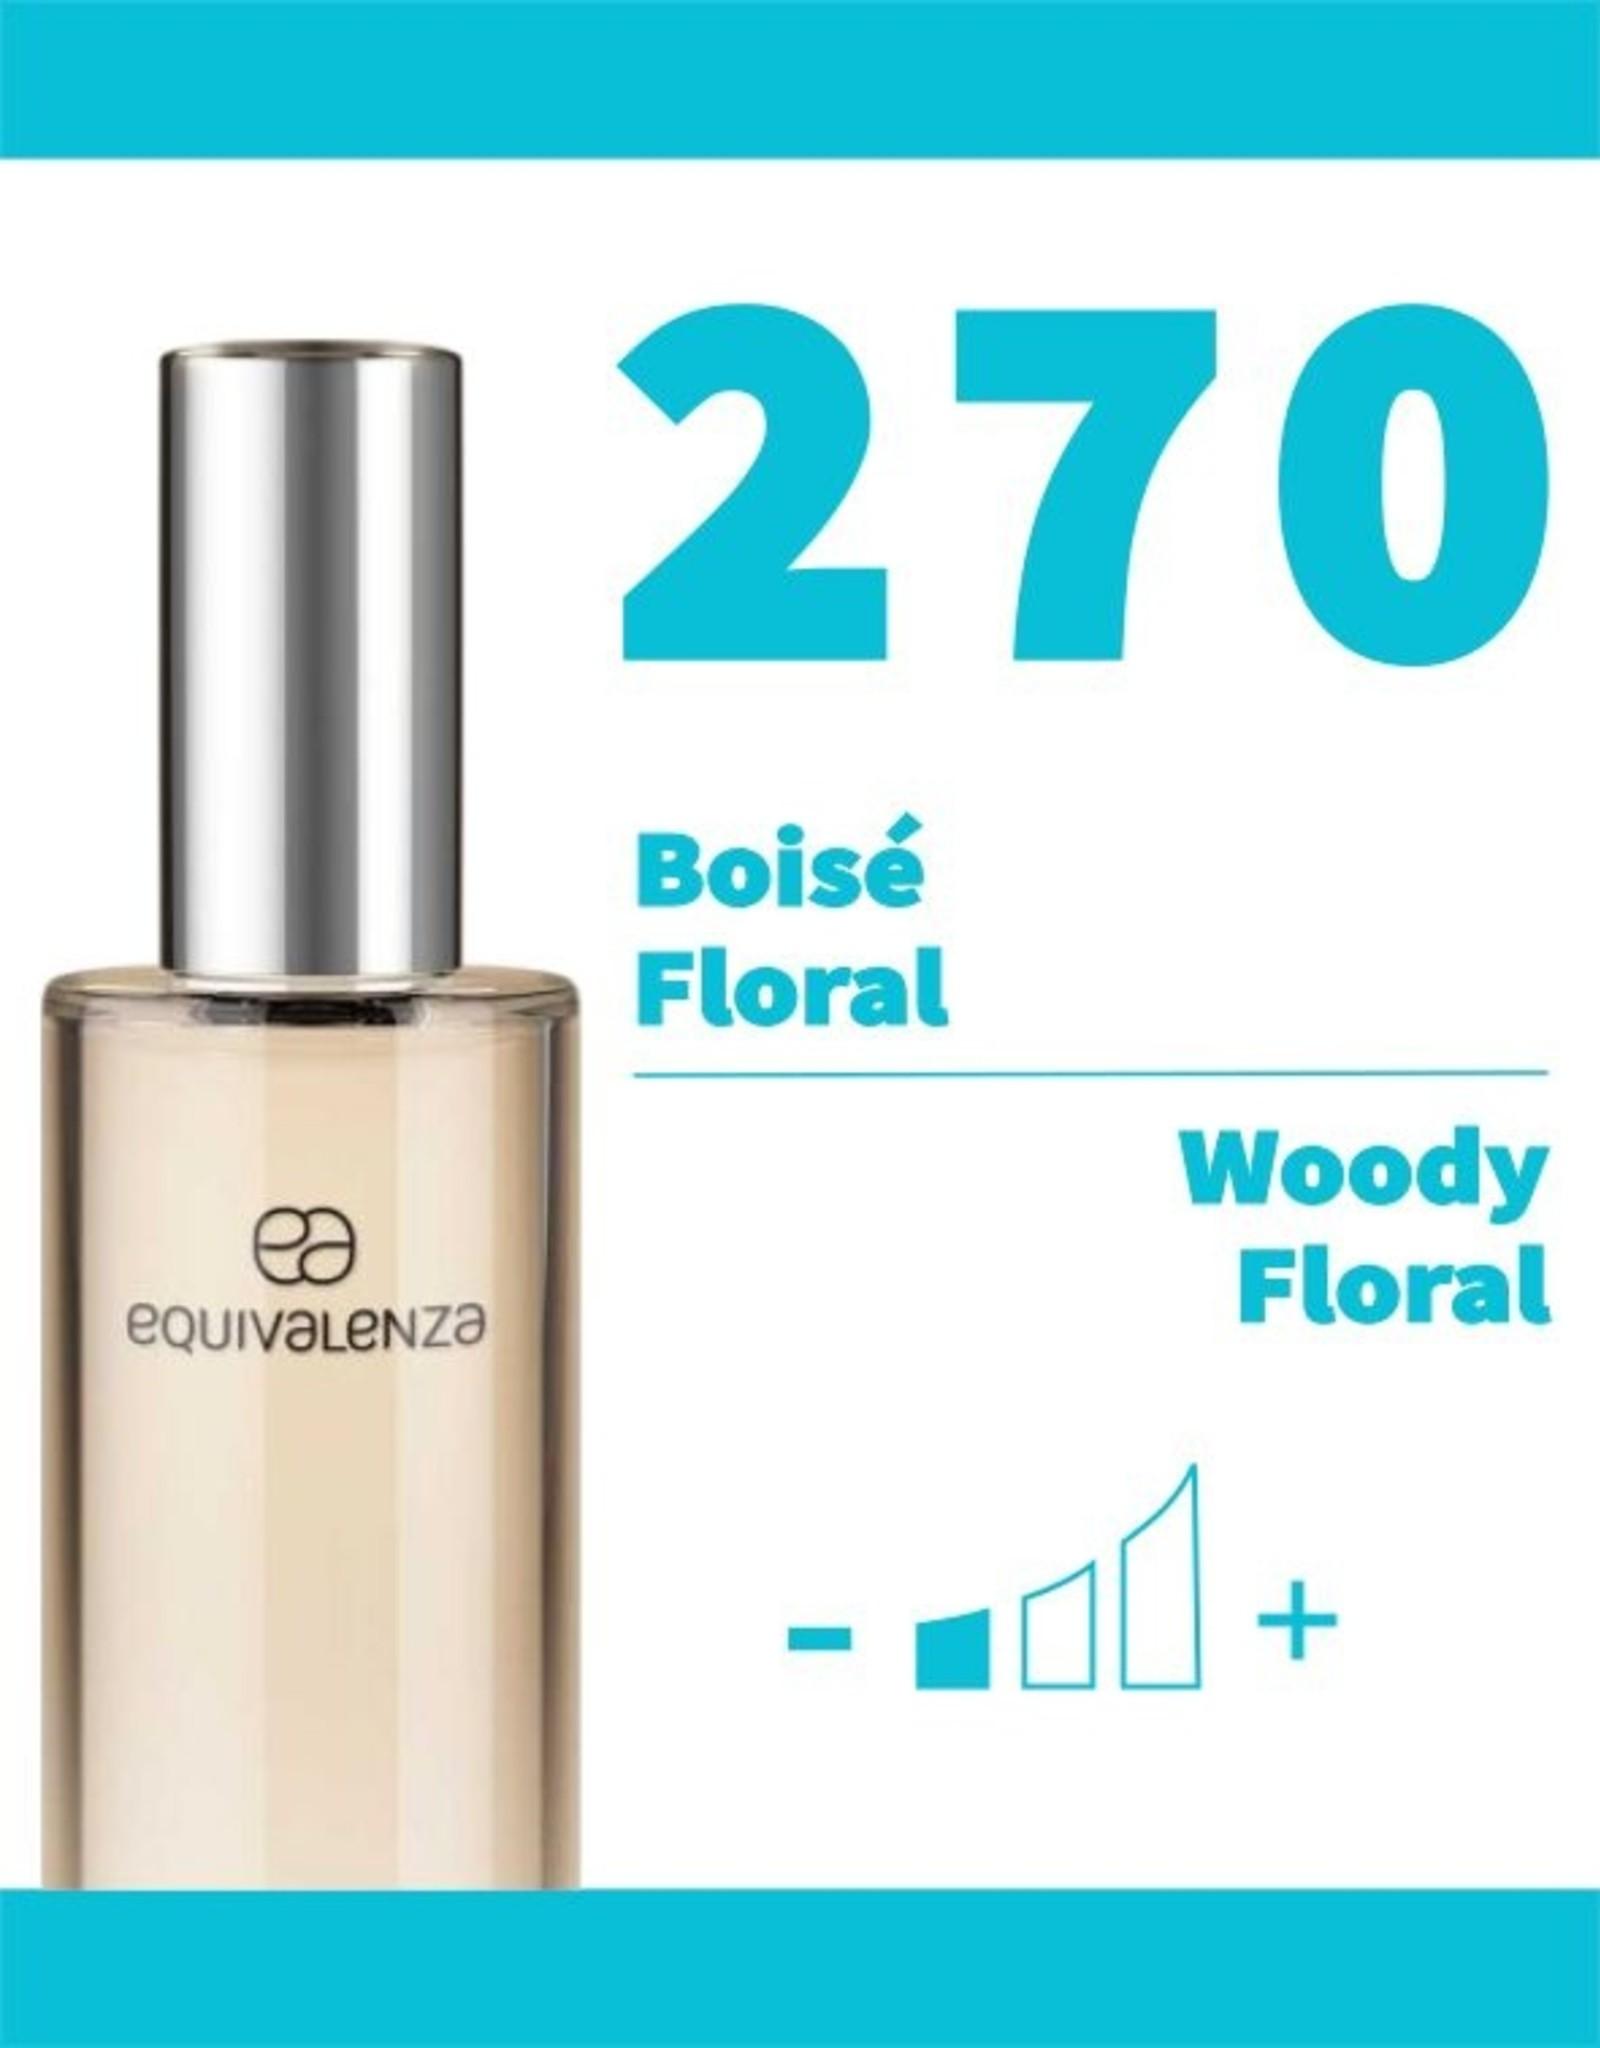 Equivalenza Boisé Floral 270